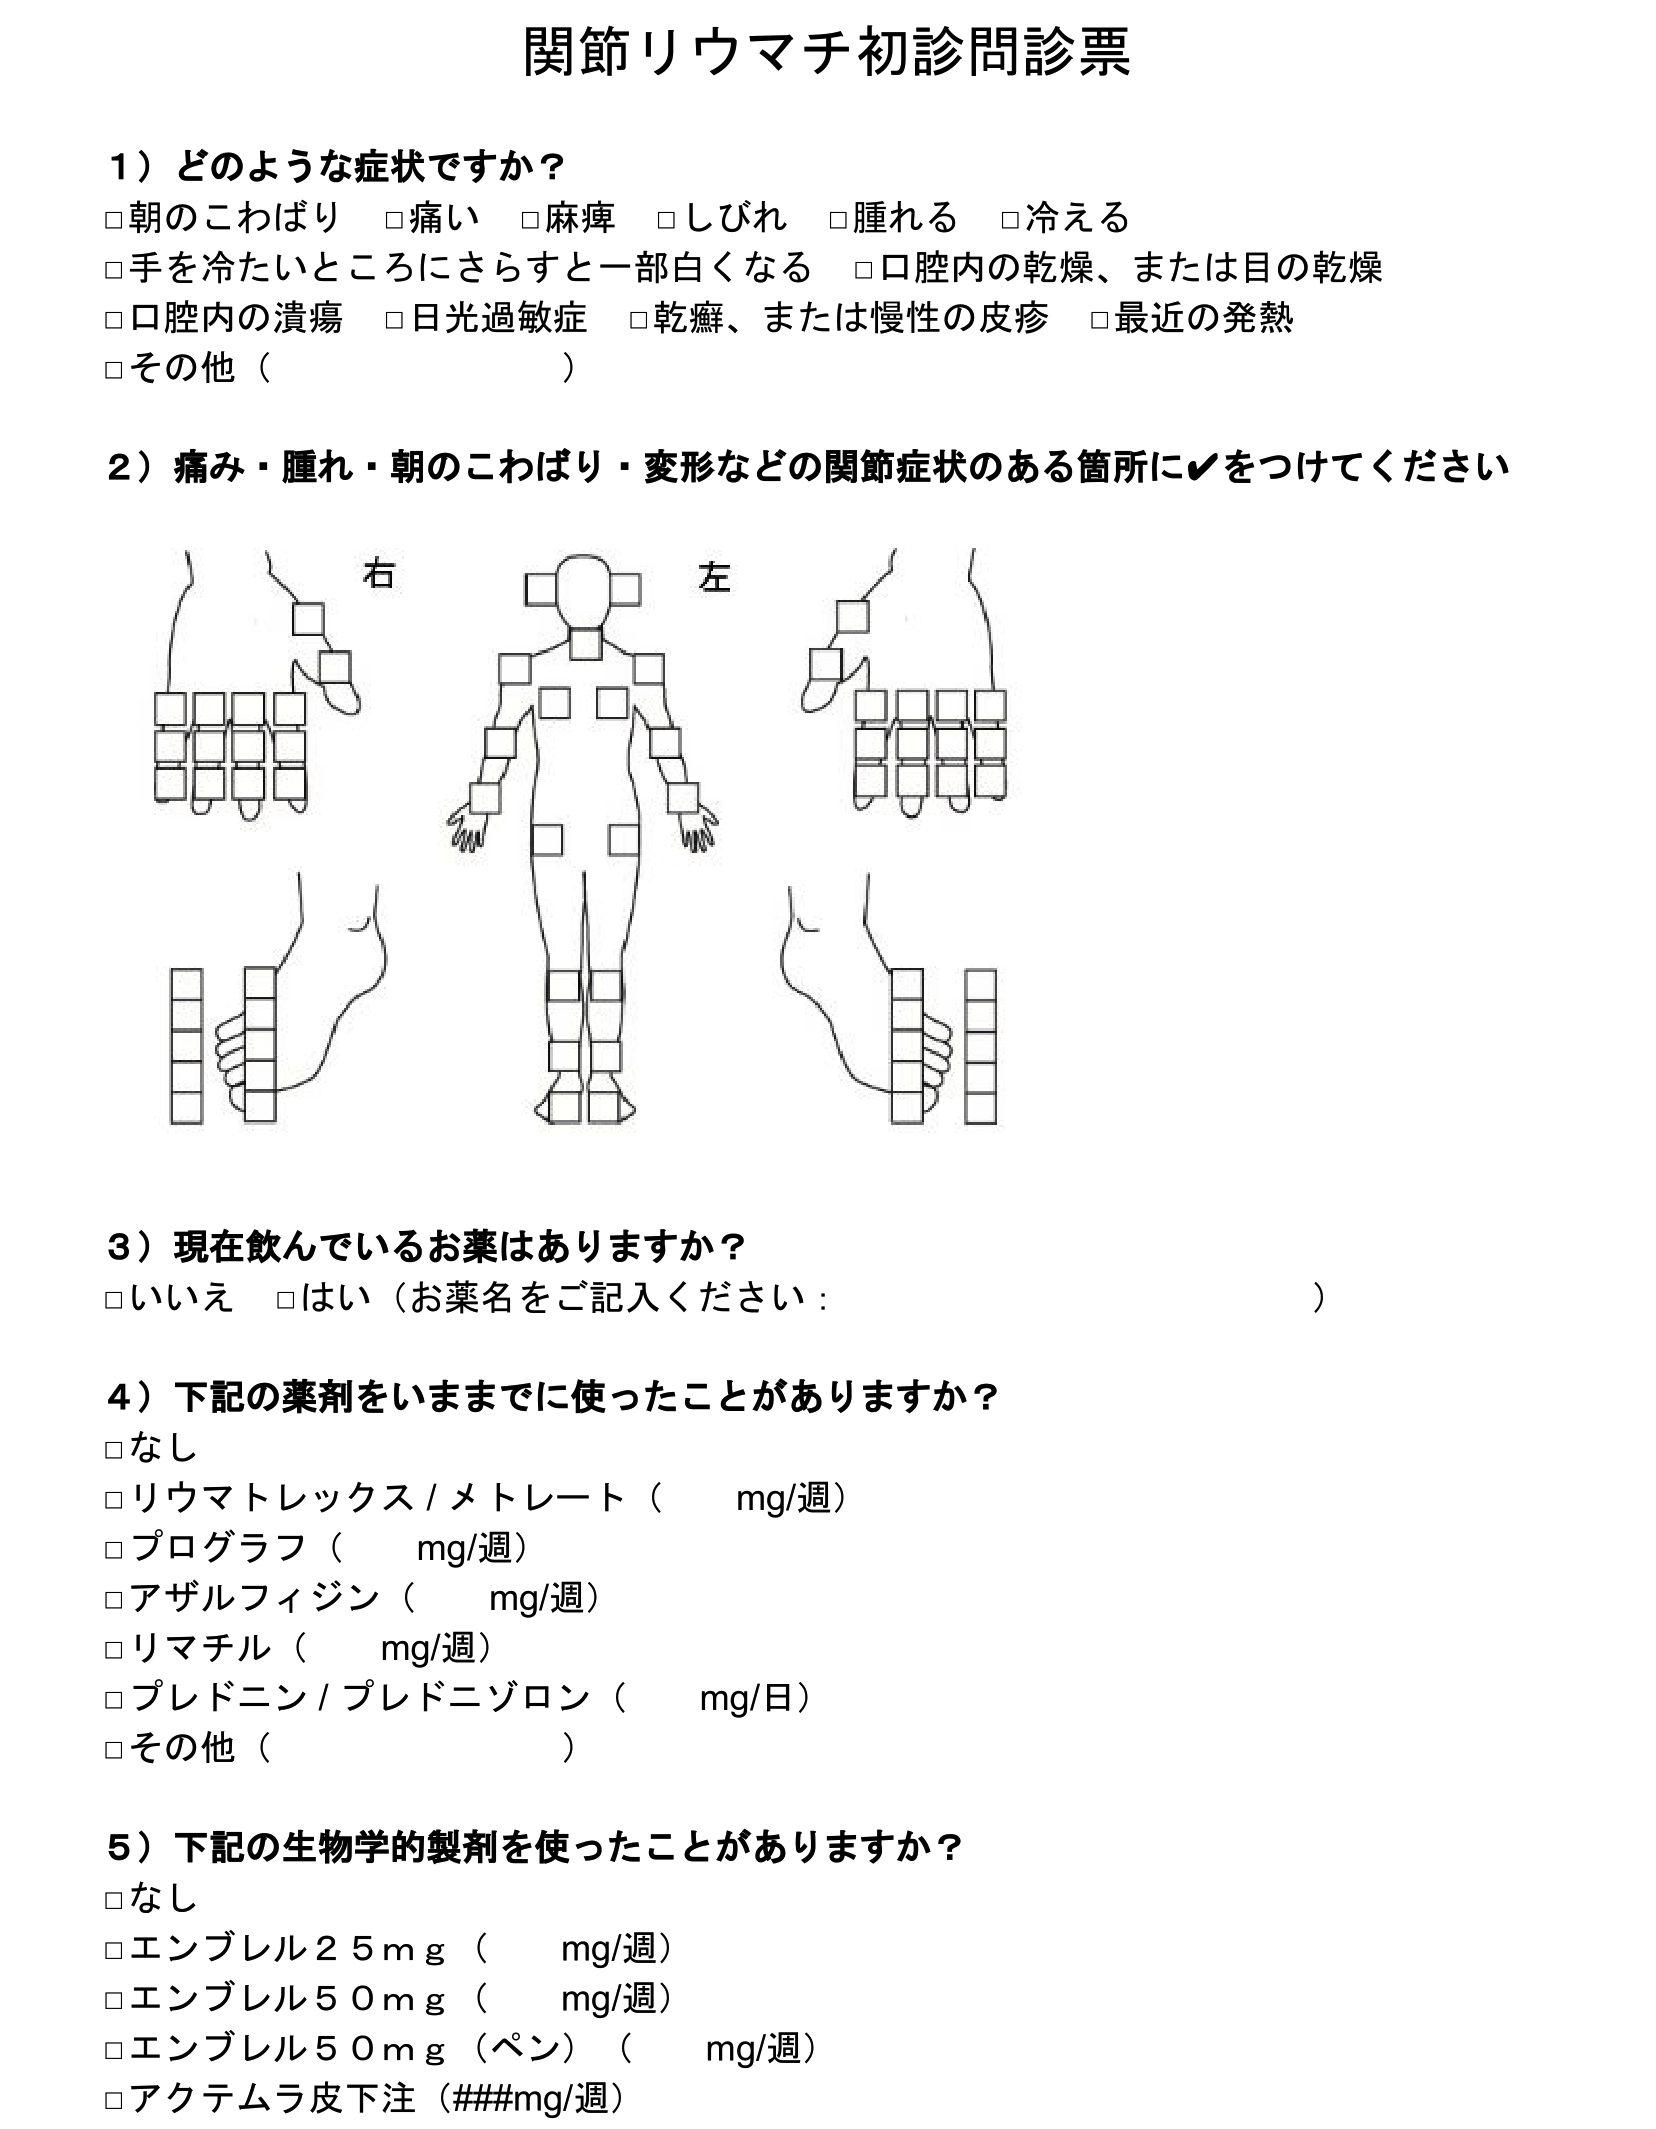 関節リウマチ初診問診票テンプレート-1